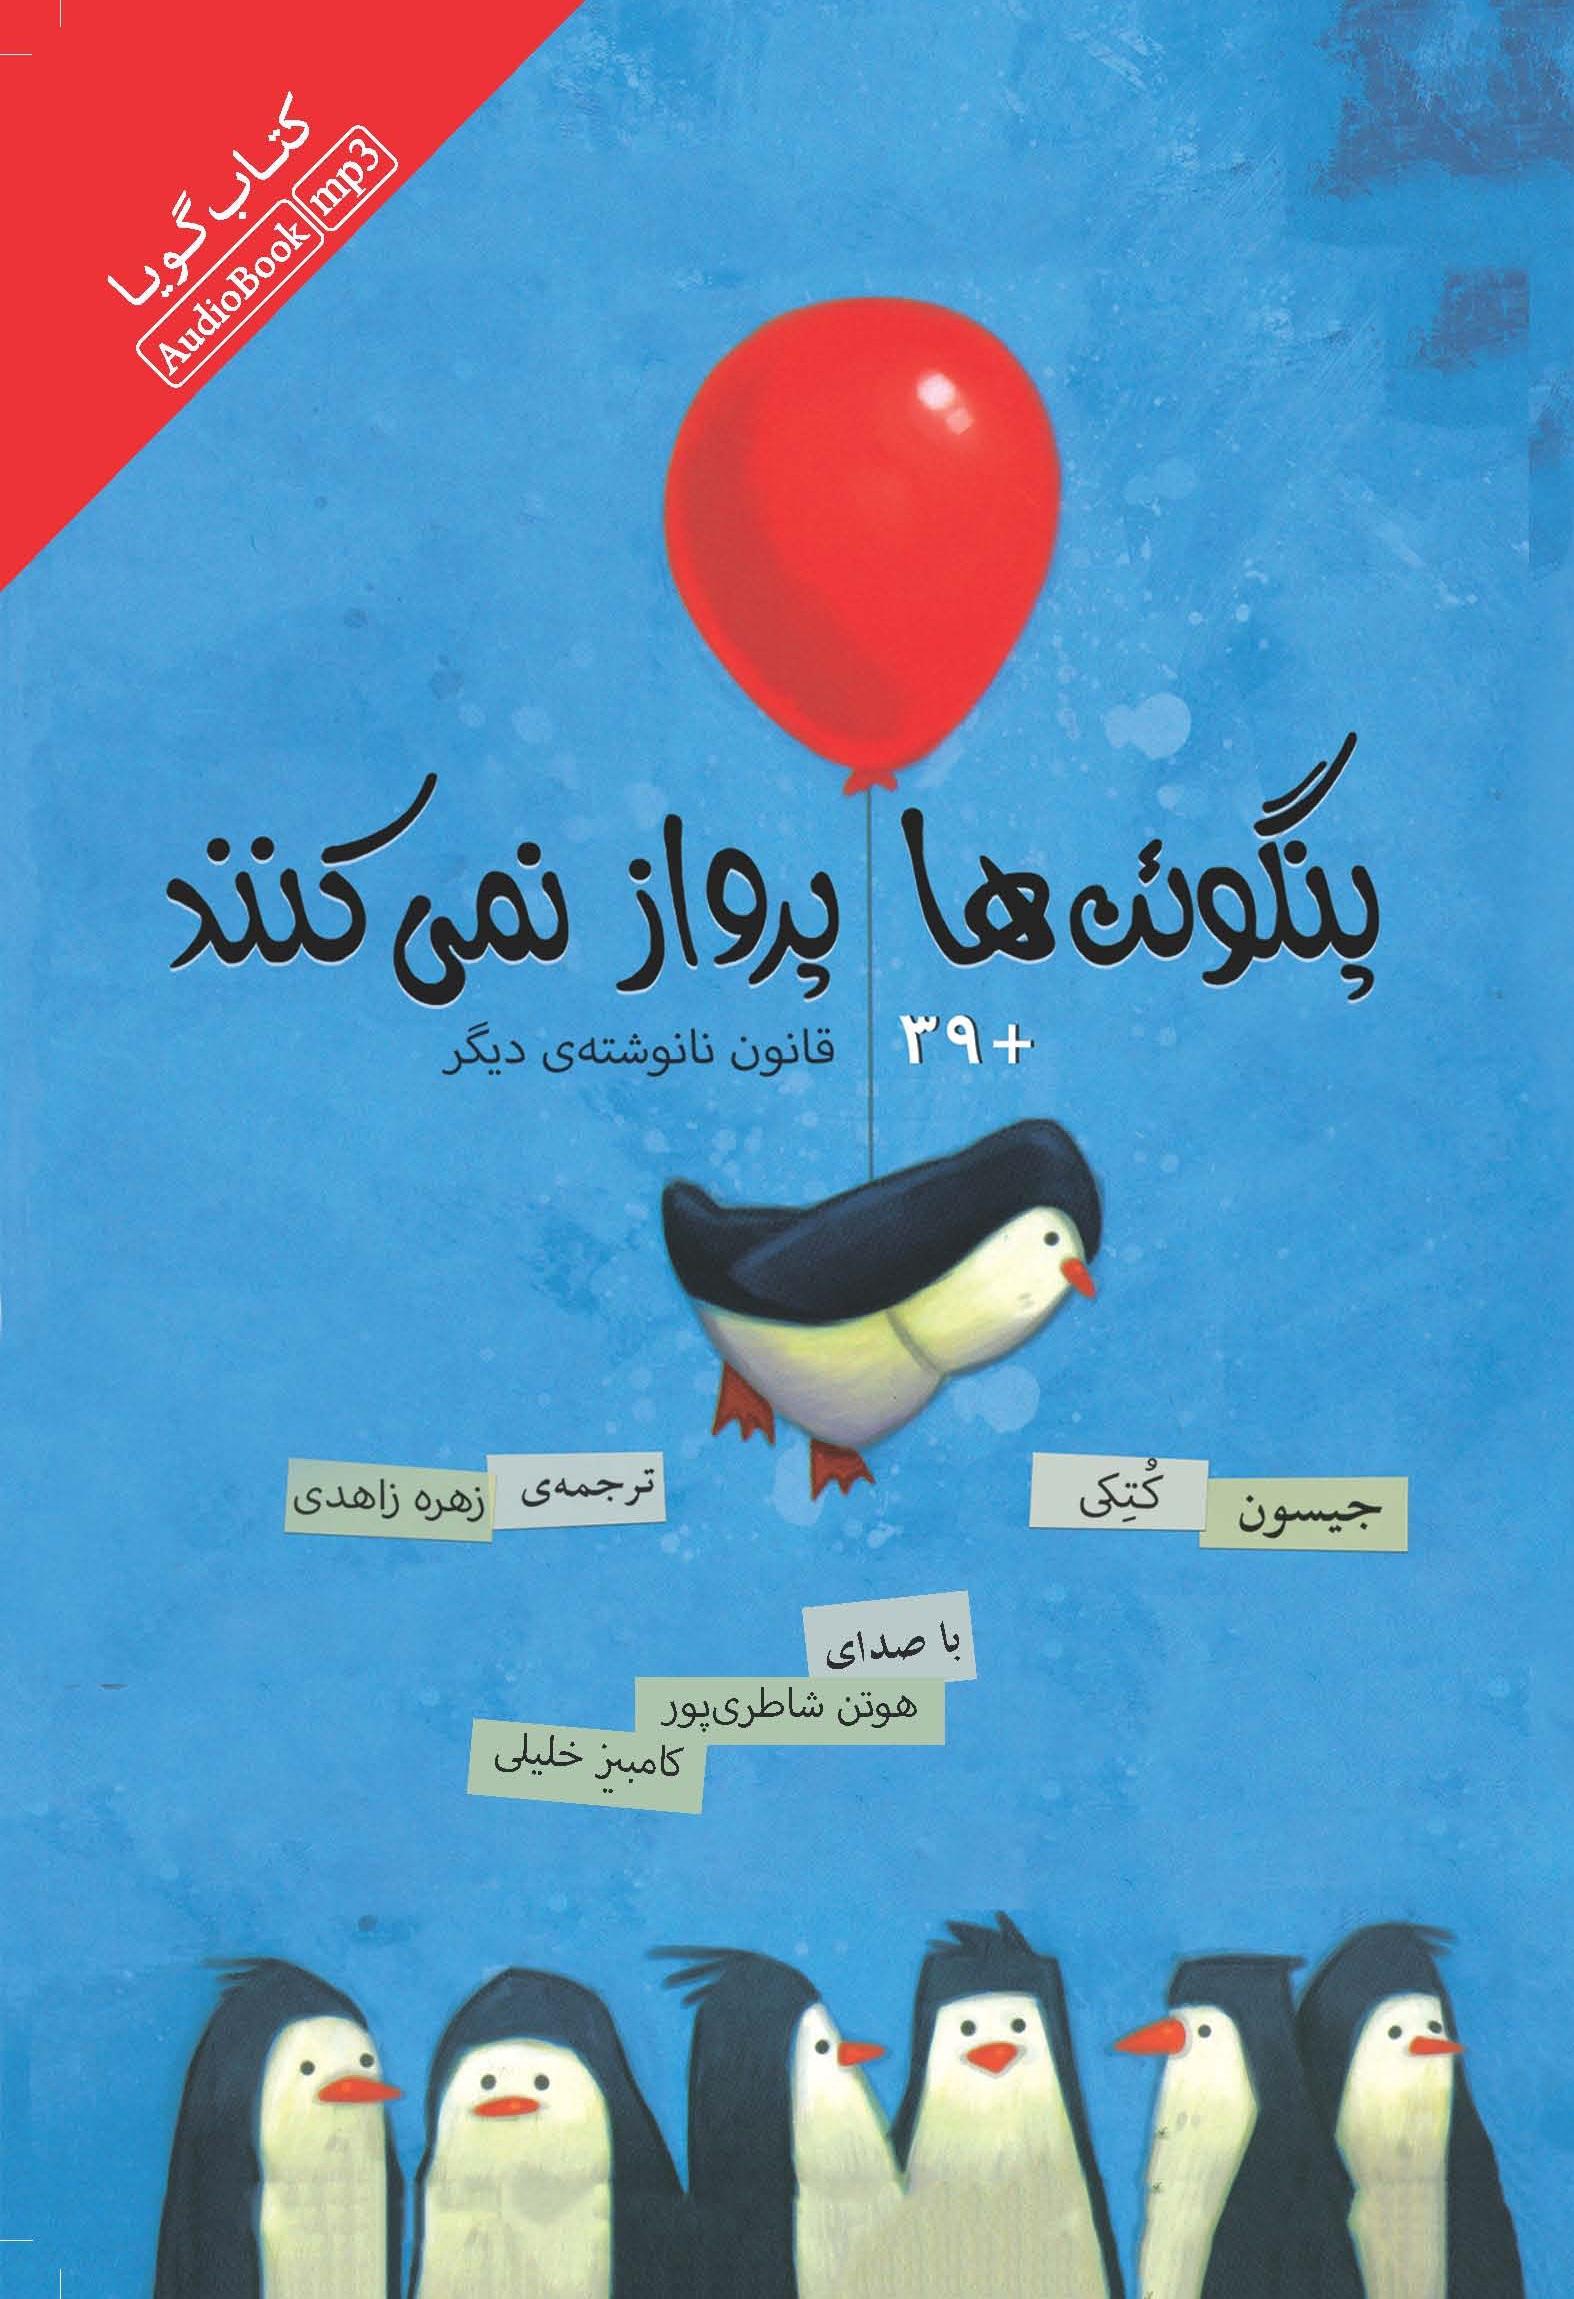 کتاب صوتی پنگوئنها پرواز نمیکنند + ۳۹ قانون نانوشته دیگر